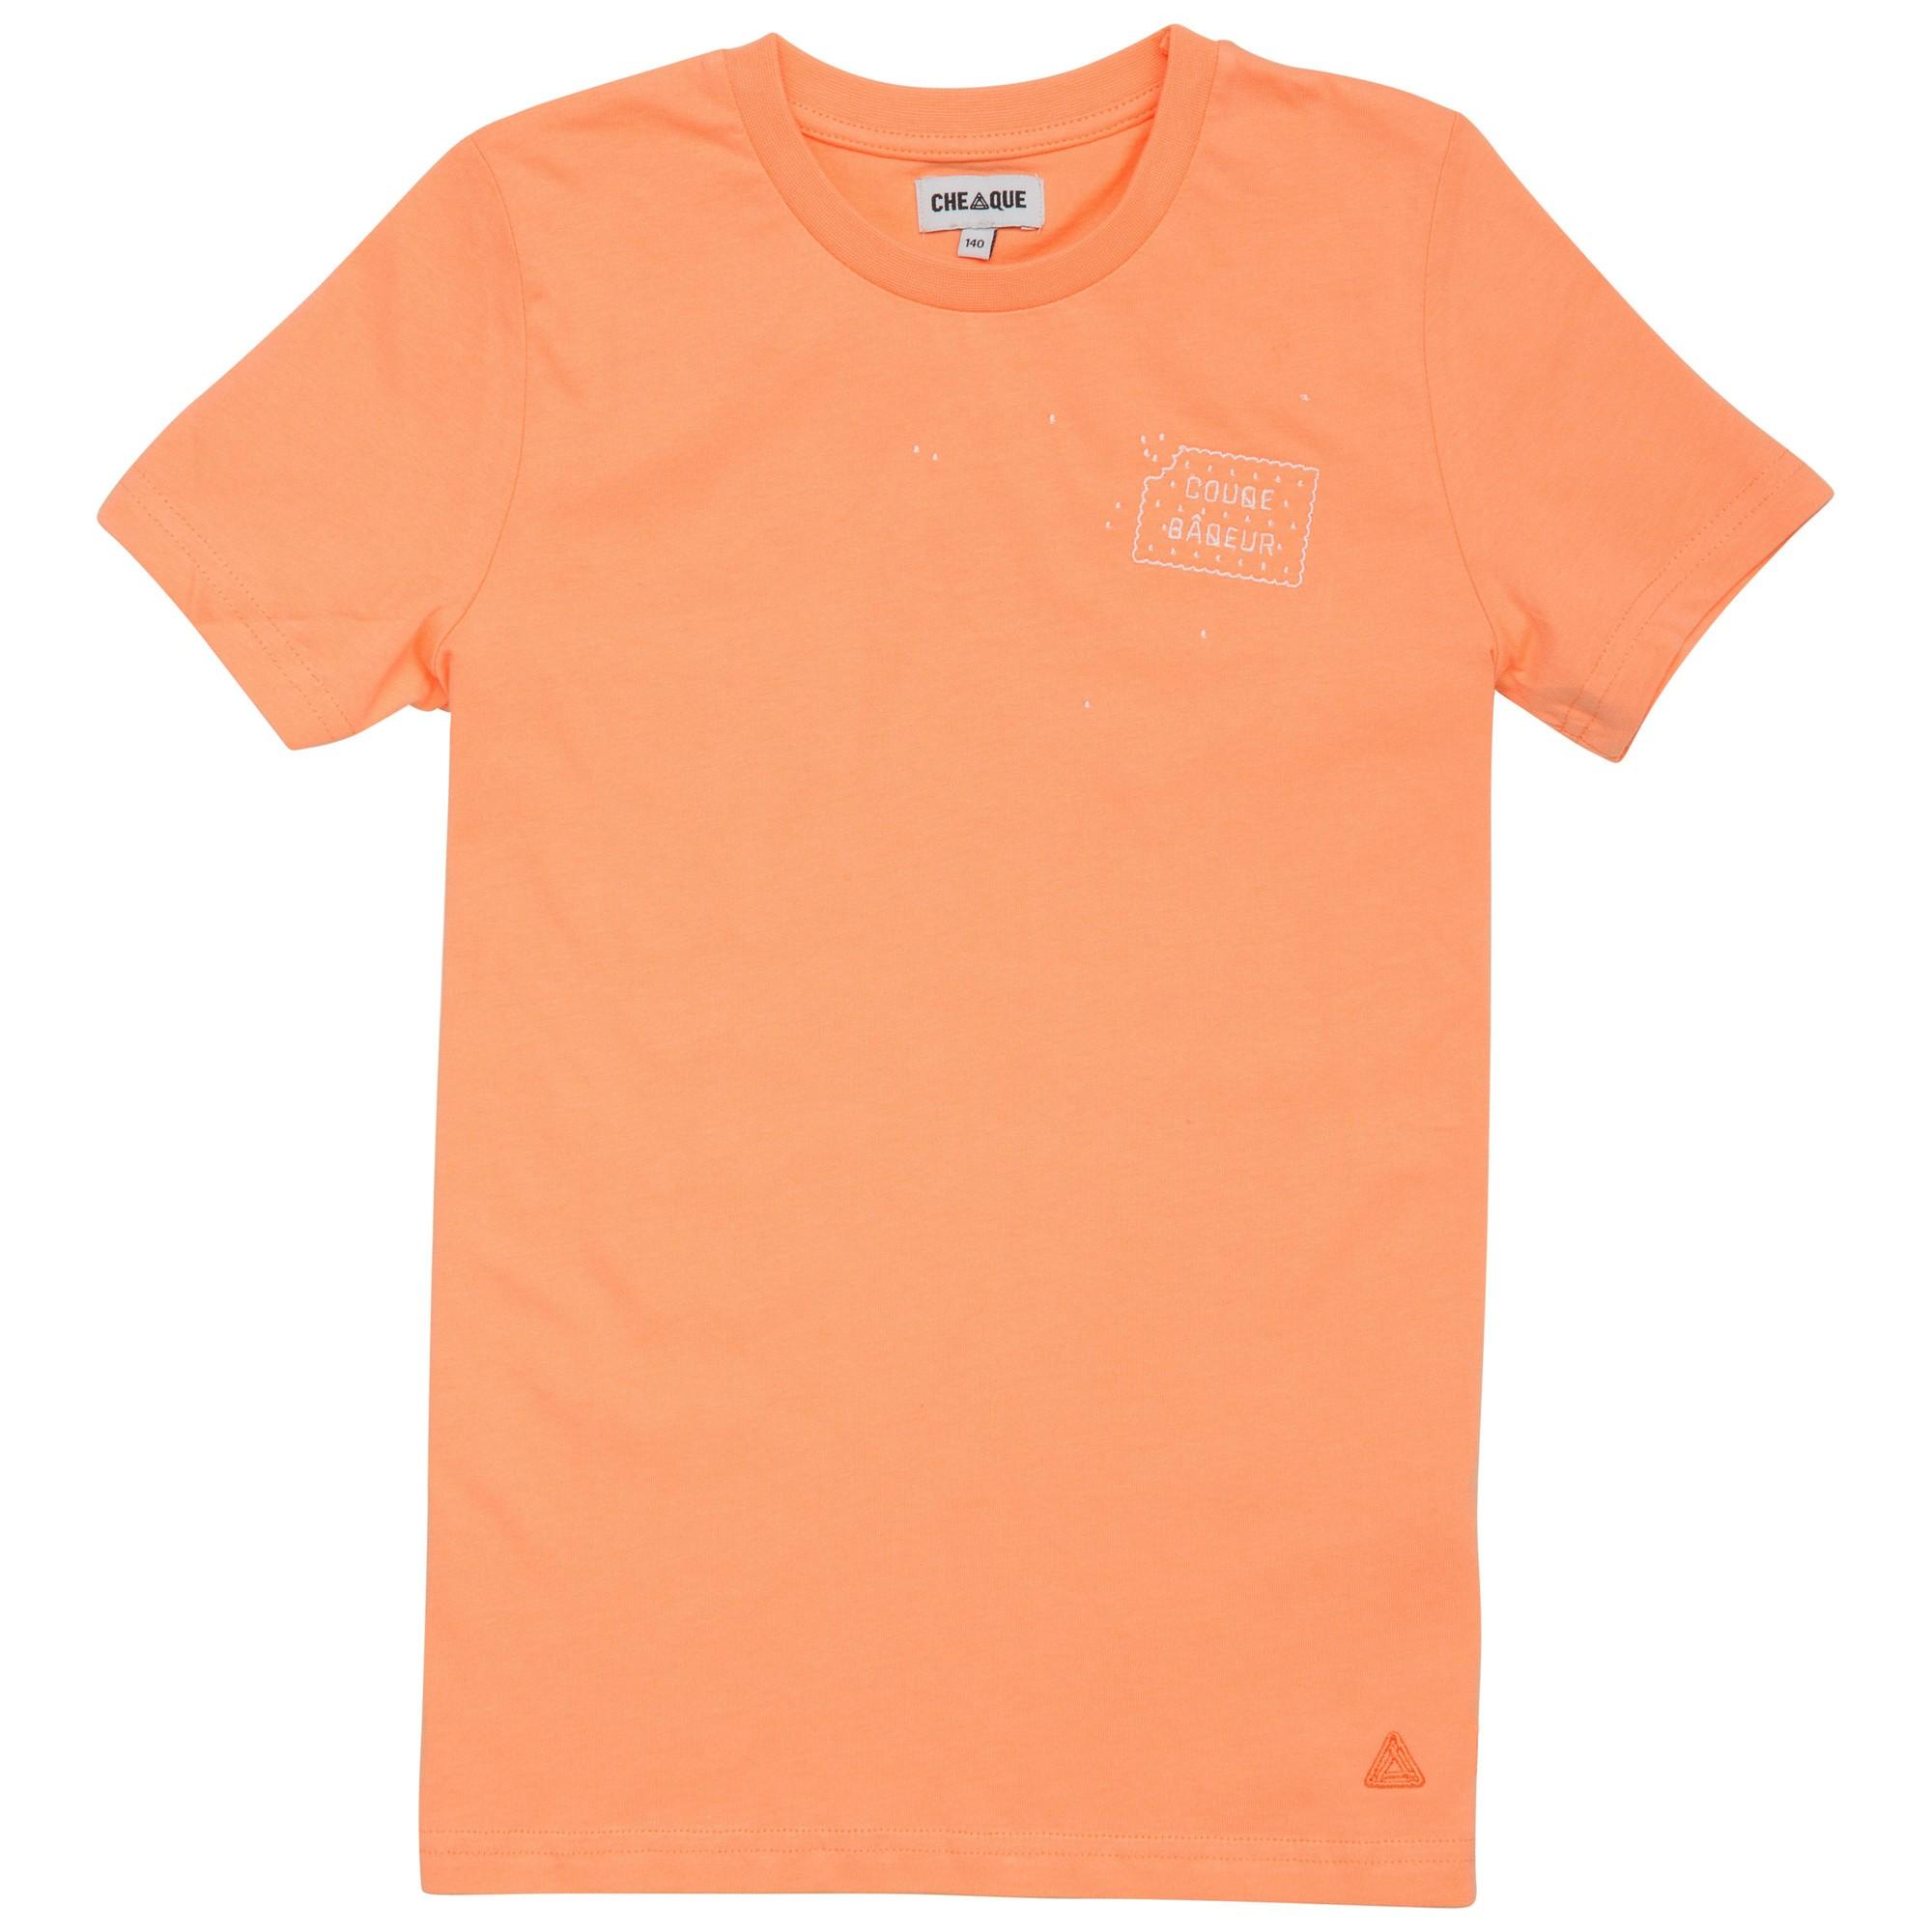 Afbeelding van Cheaque Couqe Baquer Shirt Junior Coral Orange 104